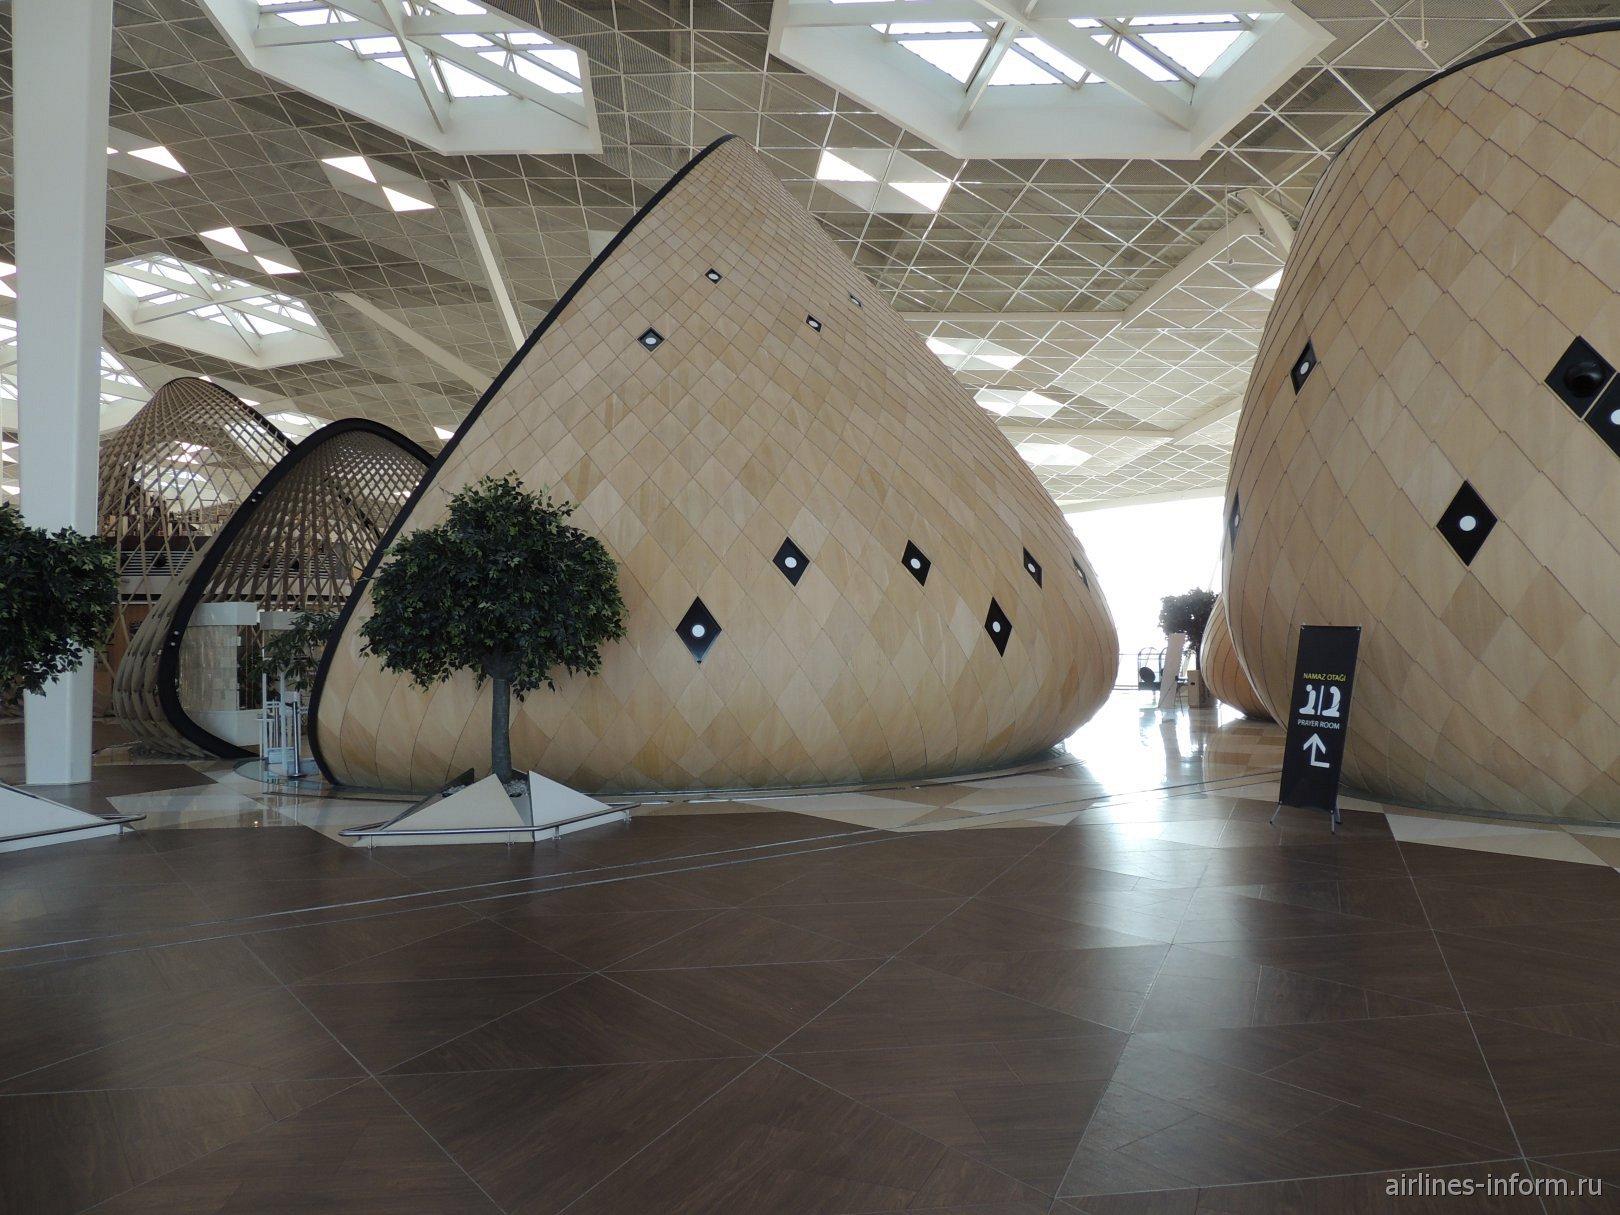 Коконы в чистой зоне терминала 1 аэропорта Баку имени Гейдара Алиева